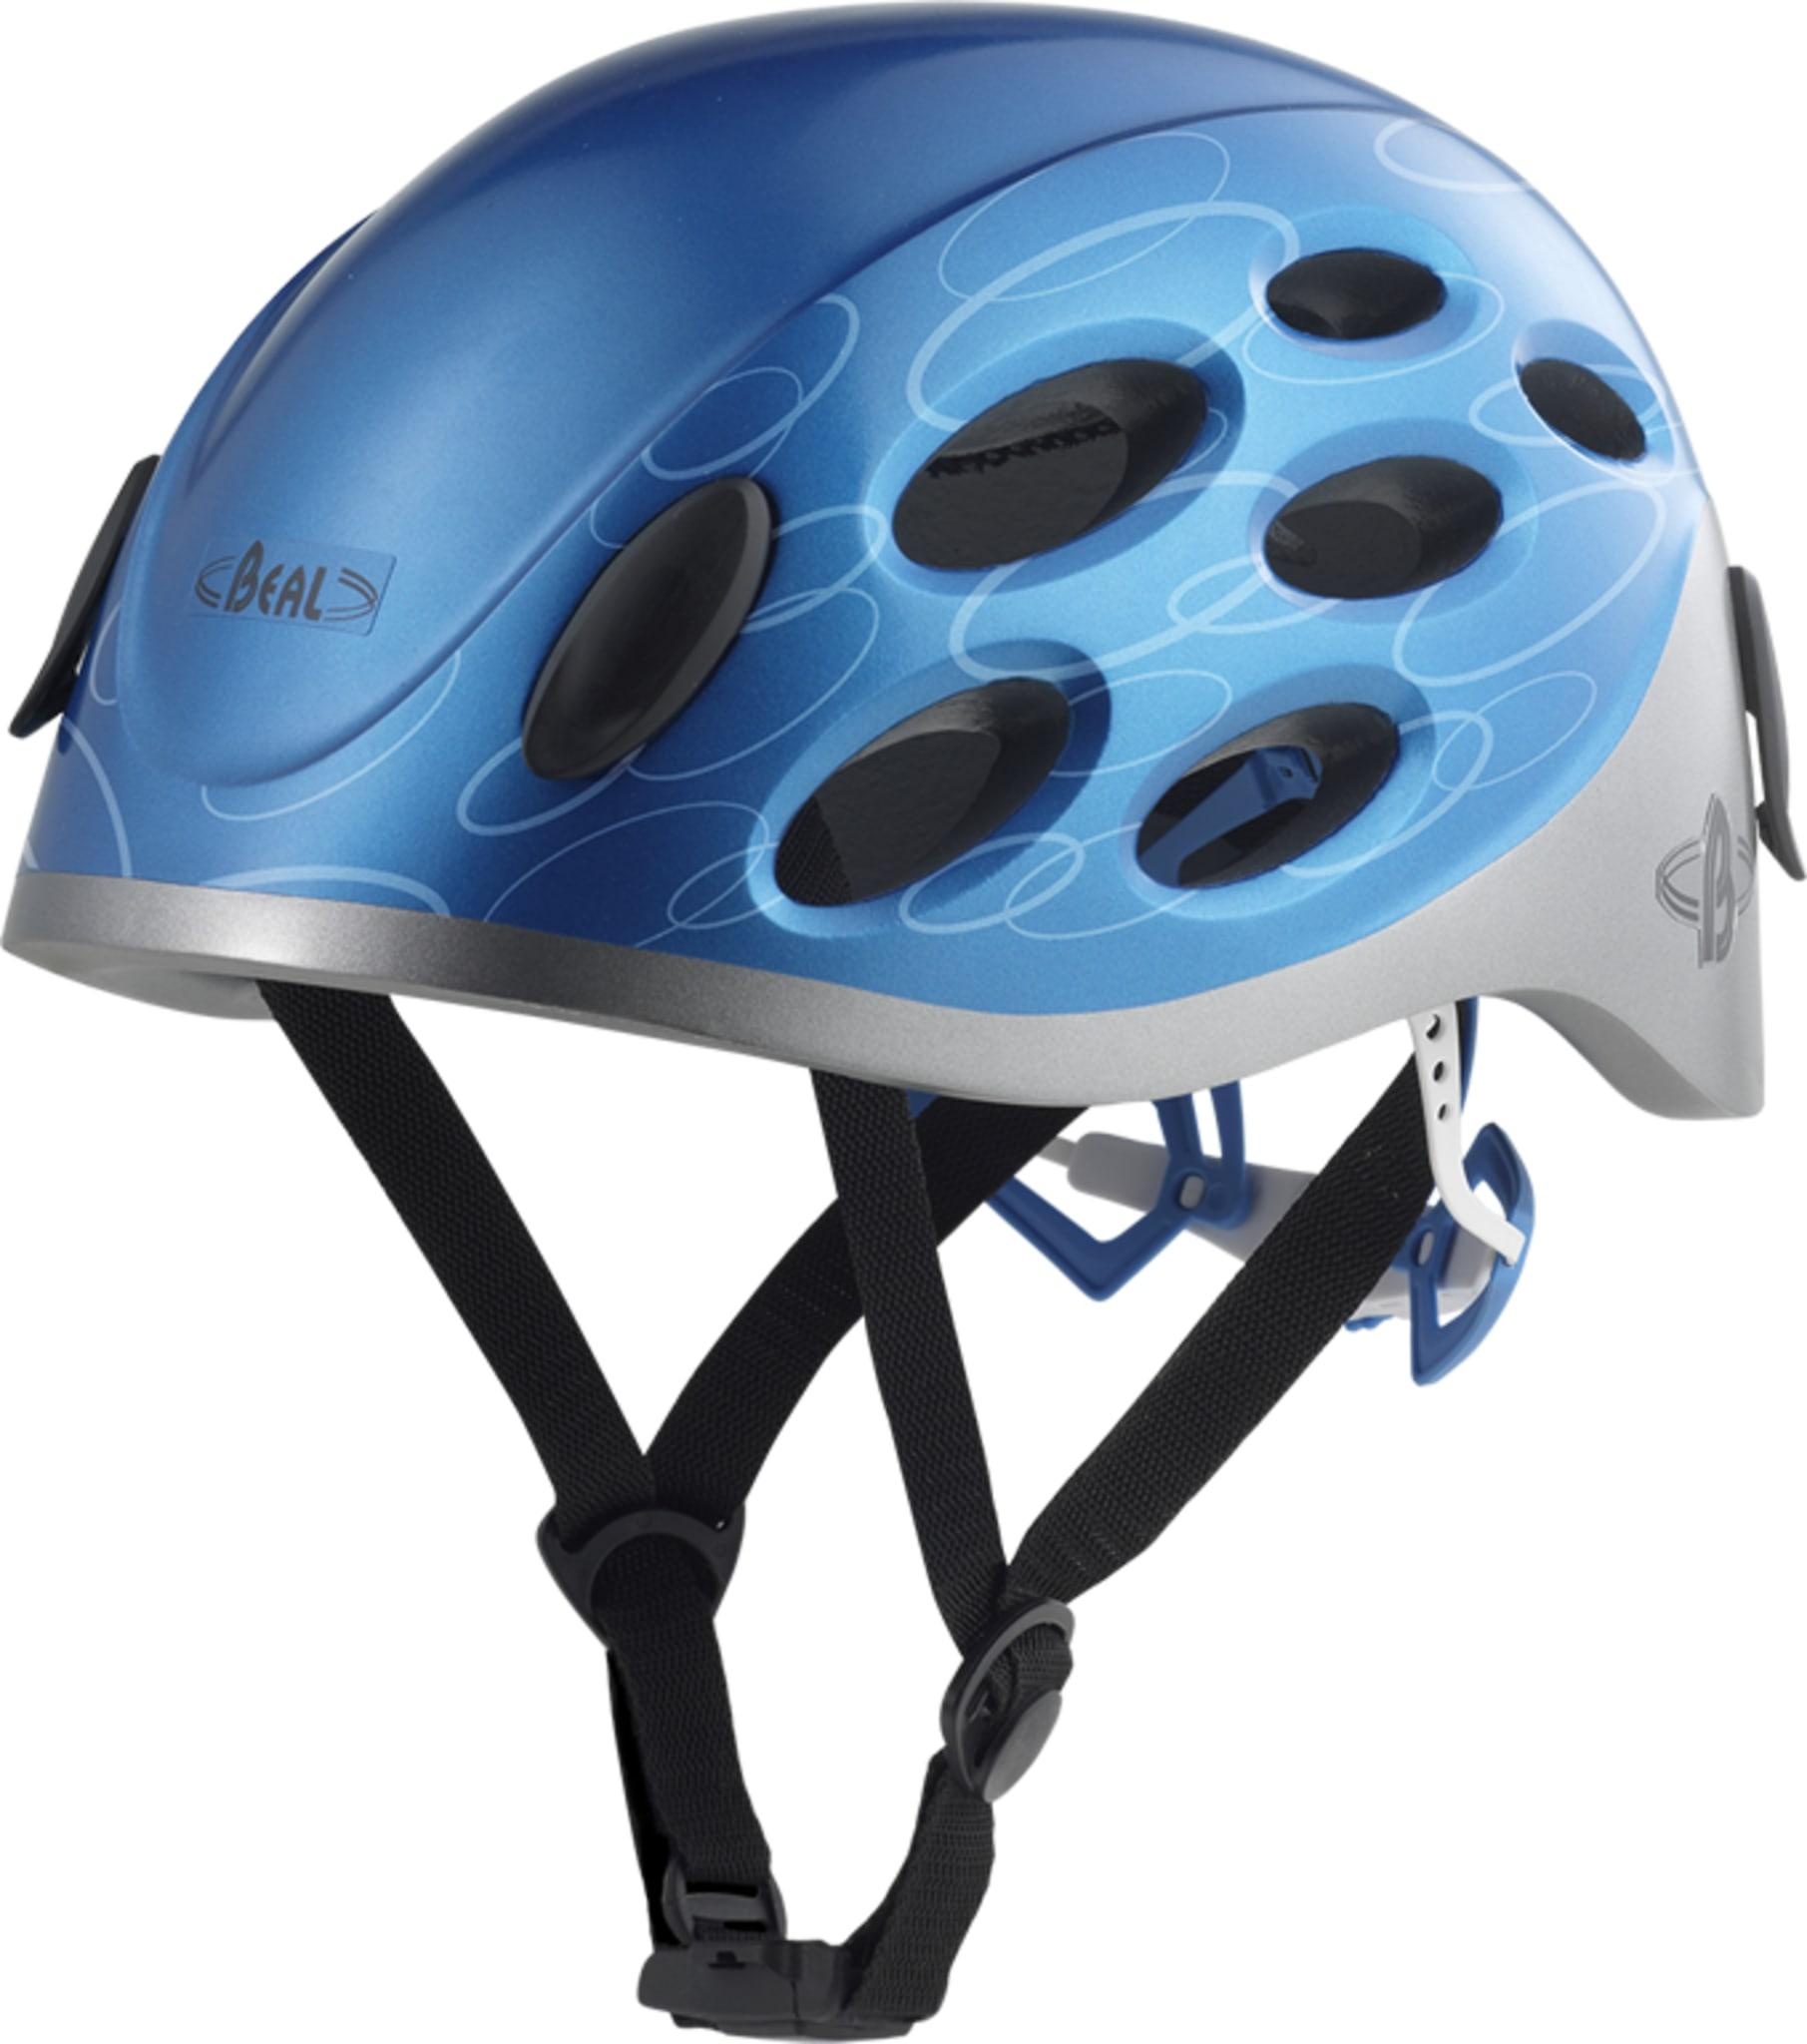 Lett hjelm som beskytter godt